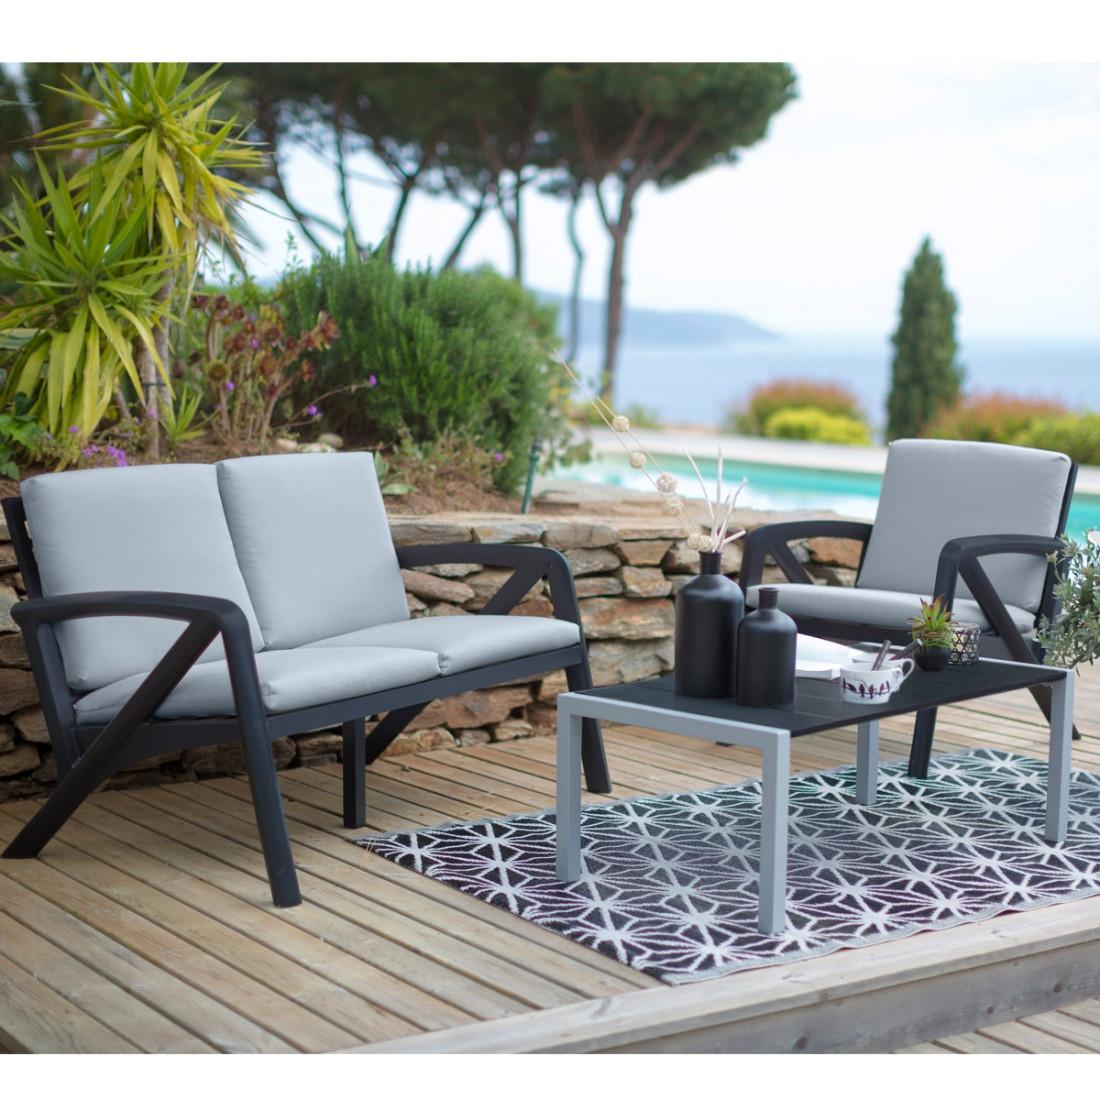 salon de jardin loa castorama jardin piscine et cabane. Black Bedroom Furniture Sets. Home Design Ideas